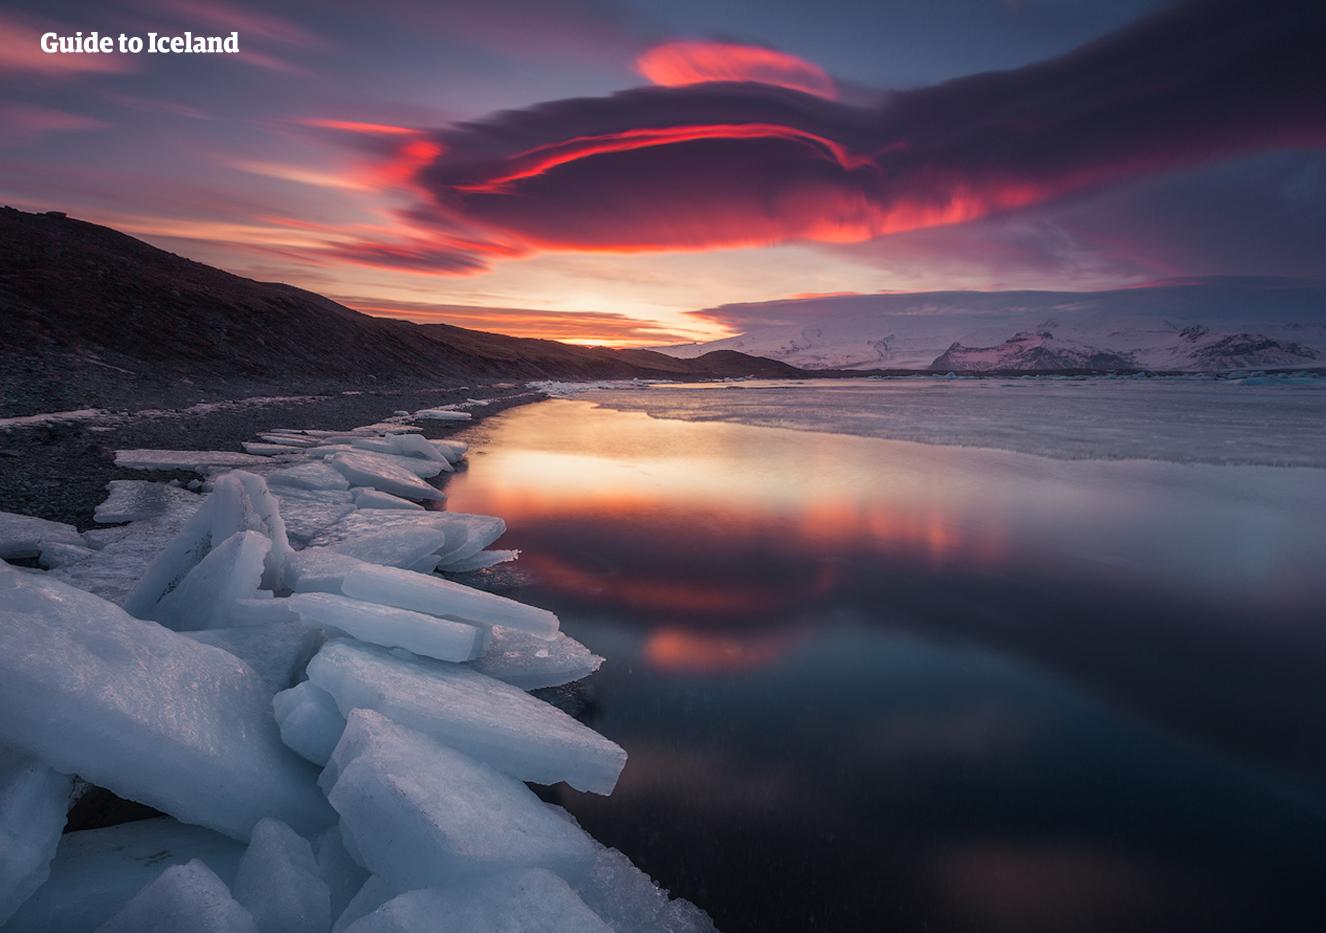 红色的傍晚天空映衬在宁静的杰古沙龙冰河湖(Jökulsárlón)的湖面上